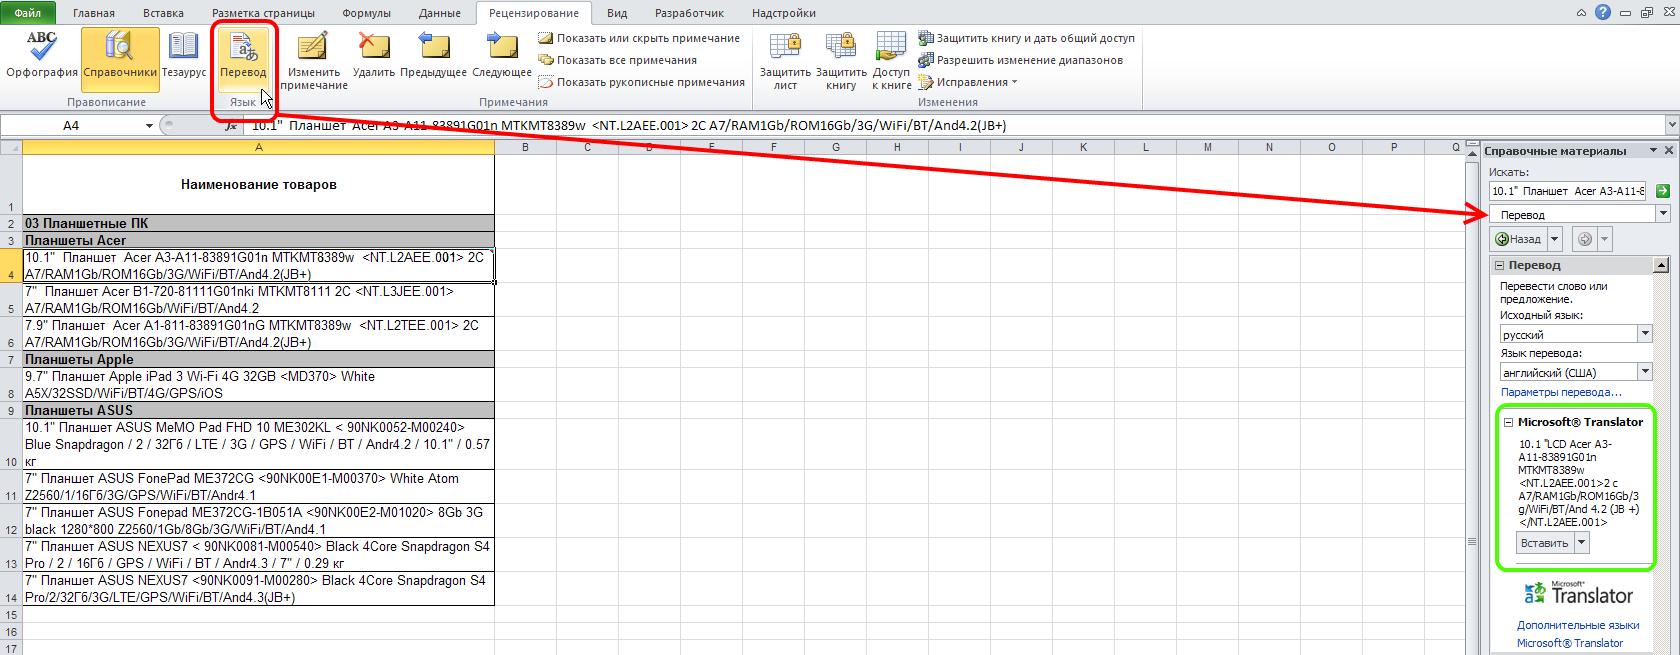 Excel: Рецензирование - Язык - Перевод